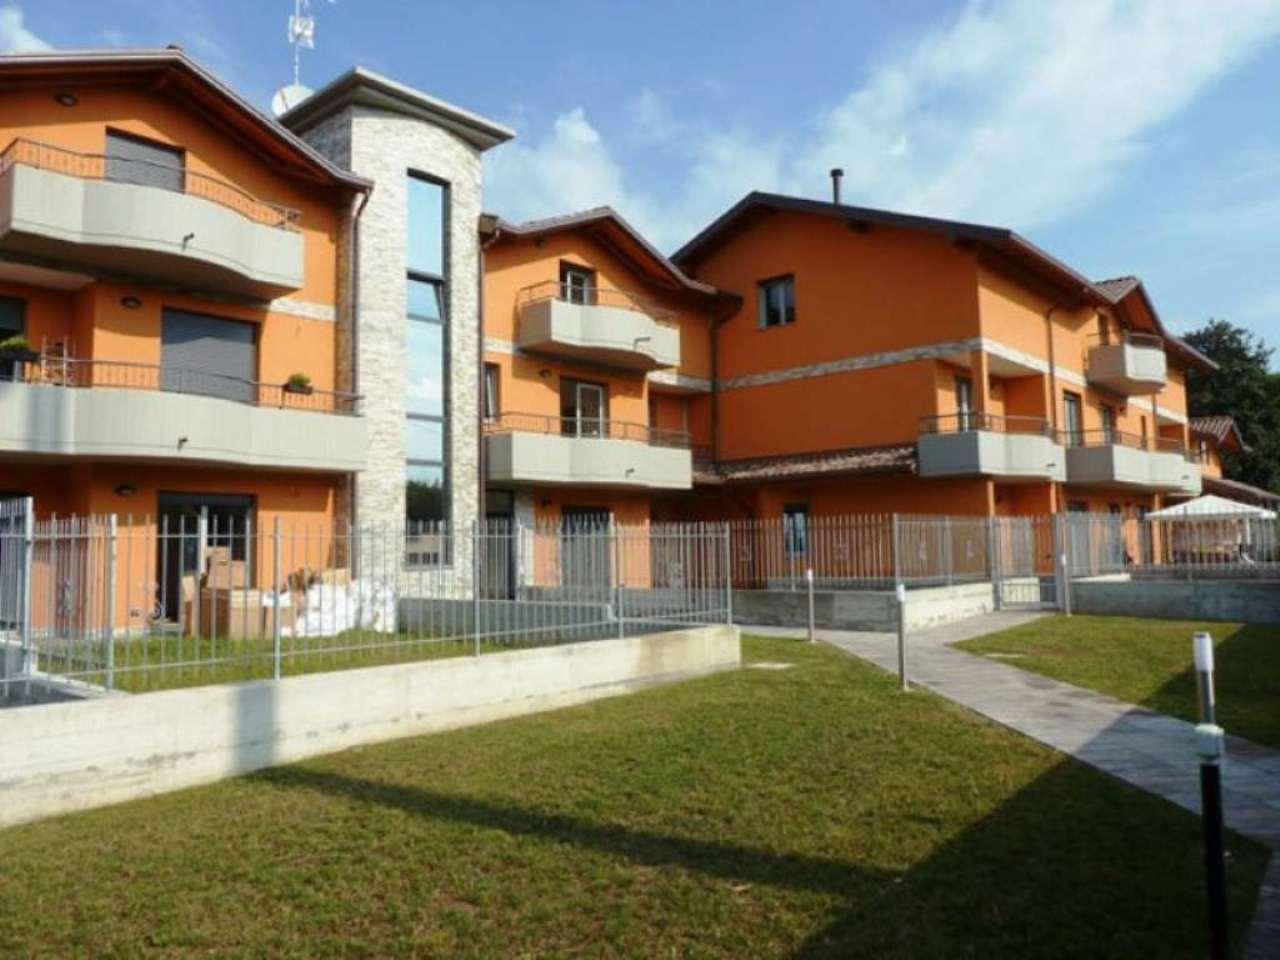 Appartamento in vendita a Marnate, 2 locali, prezzo € 125.000 | Cambio Casa.it